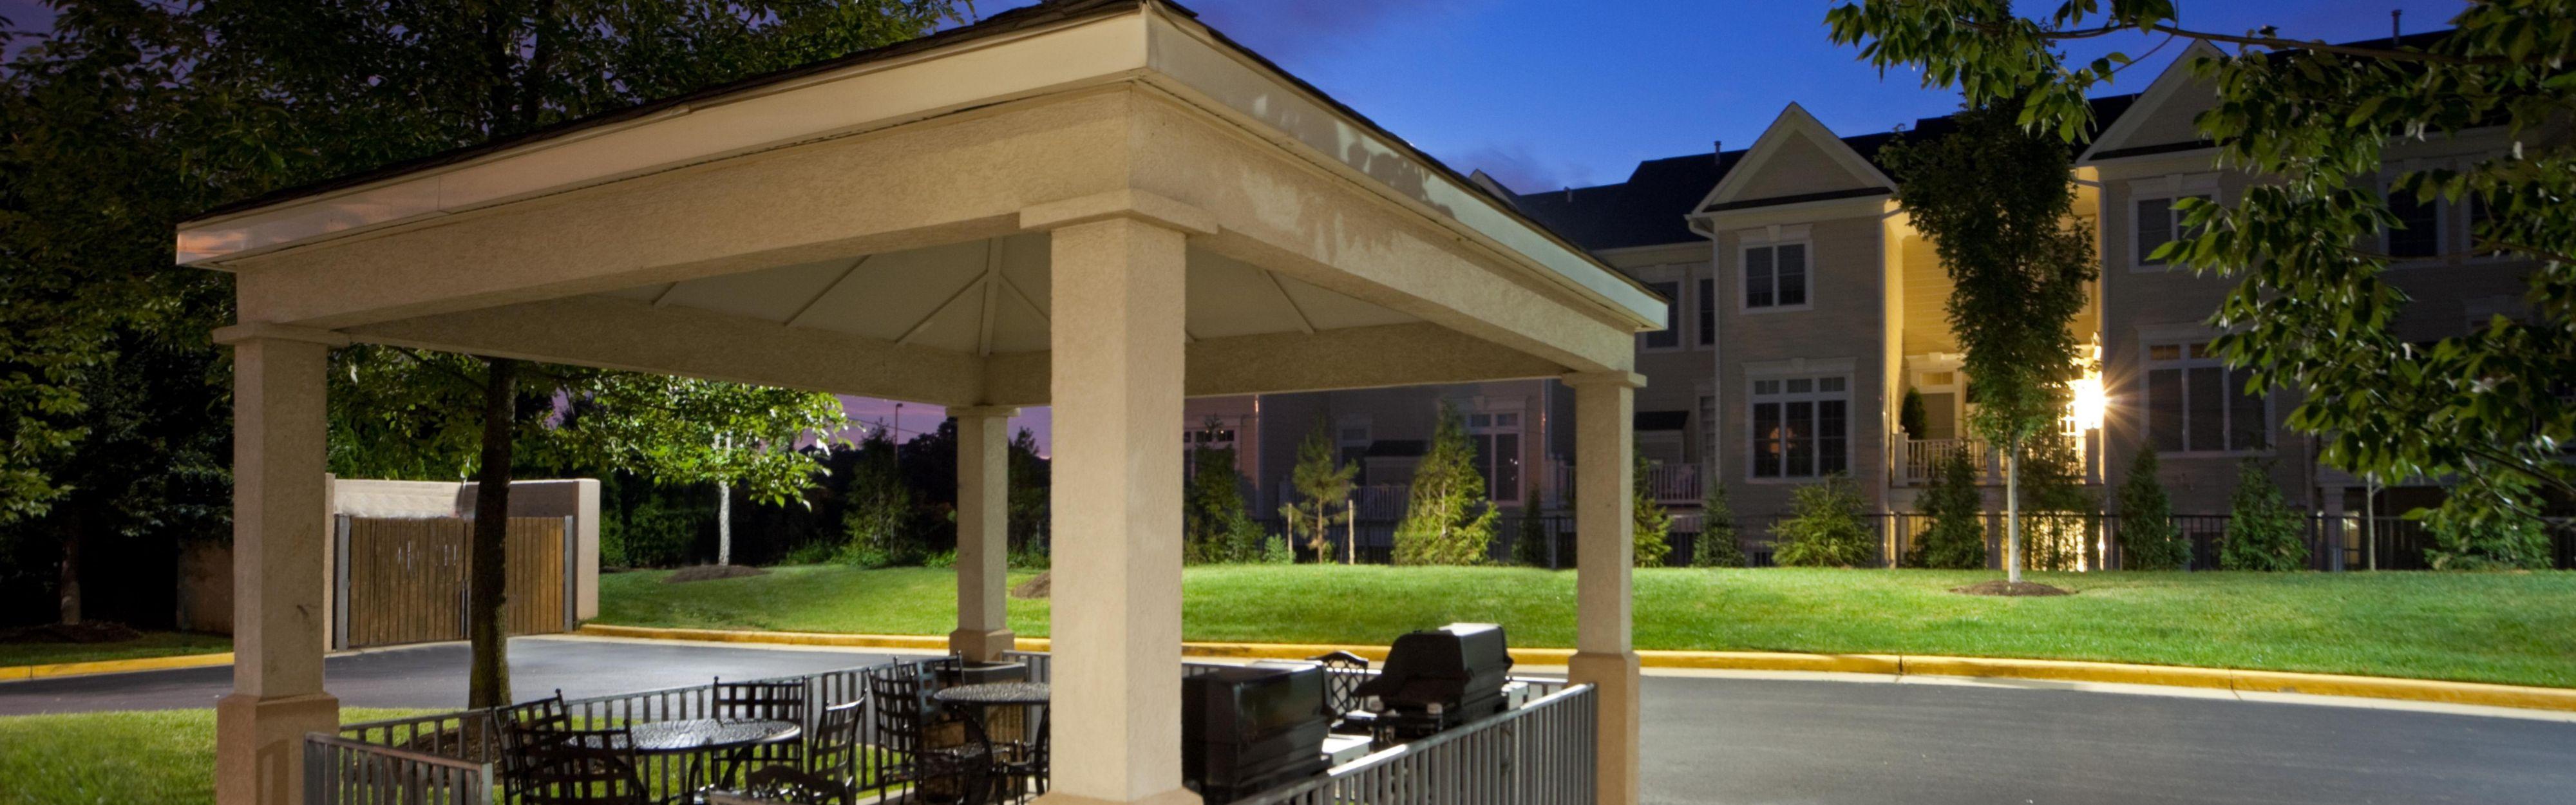 Candlewood Suites Washington-Fairfax image 2